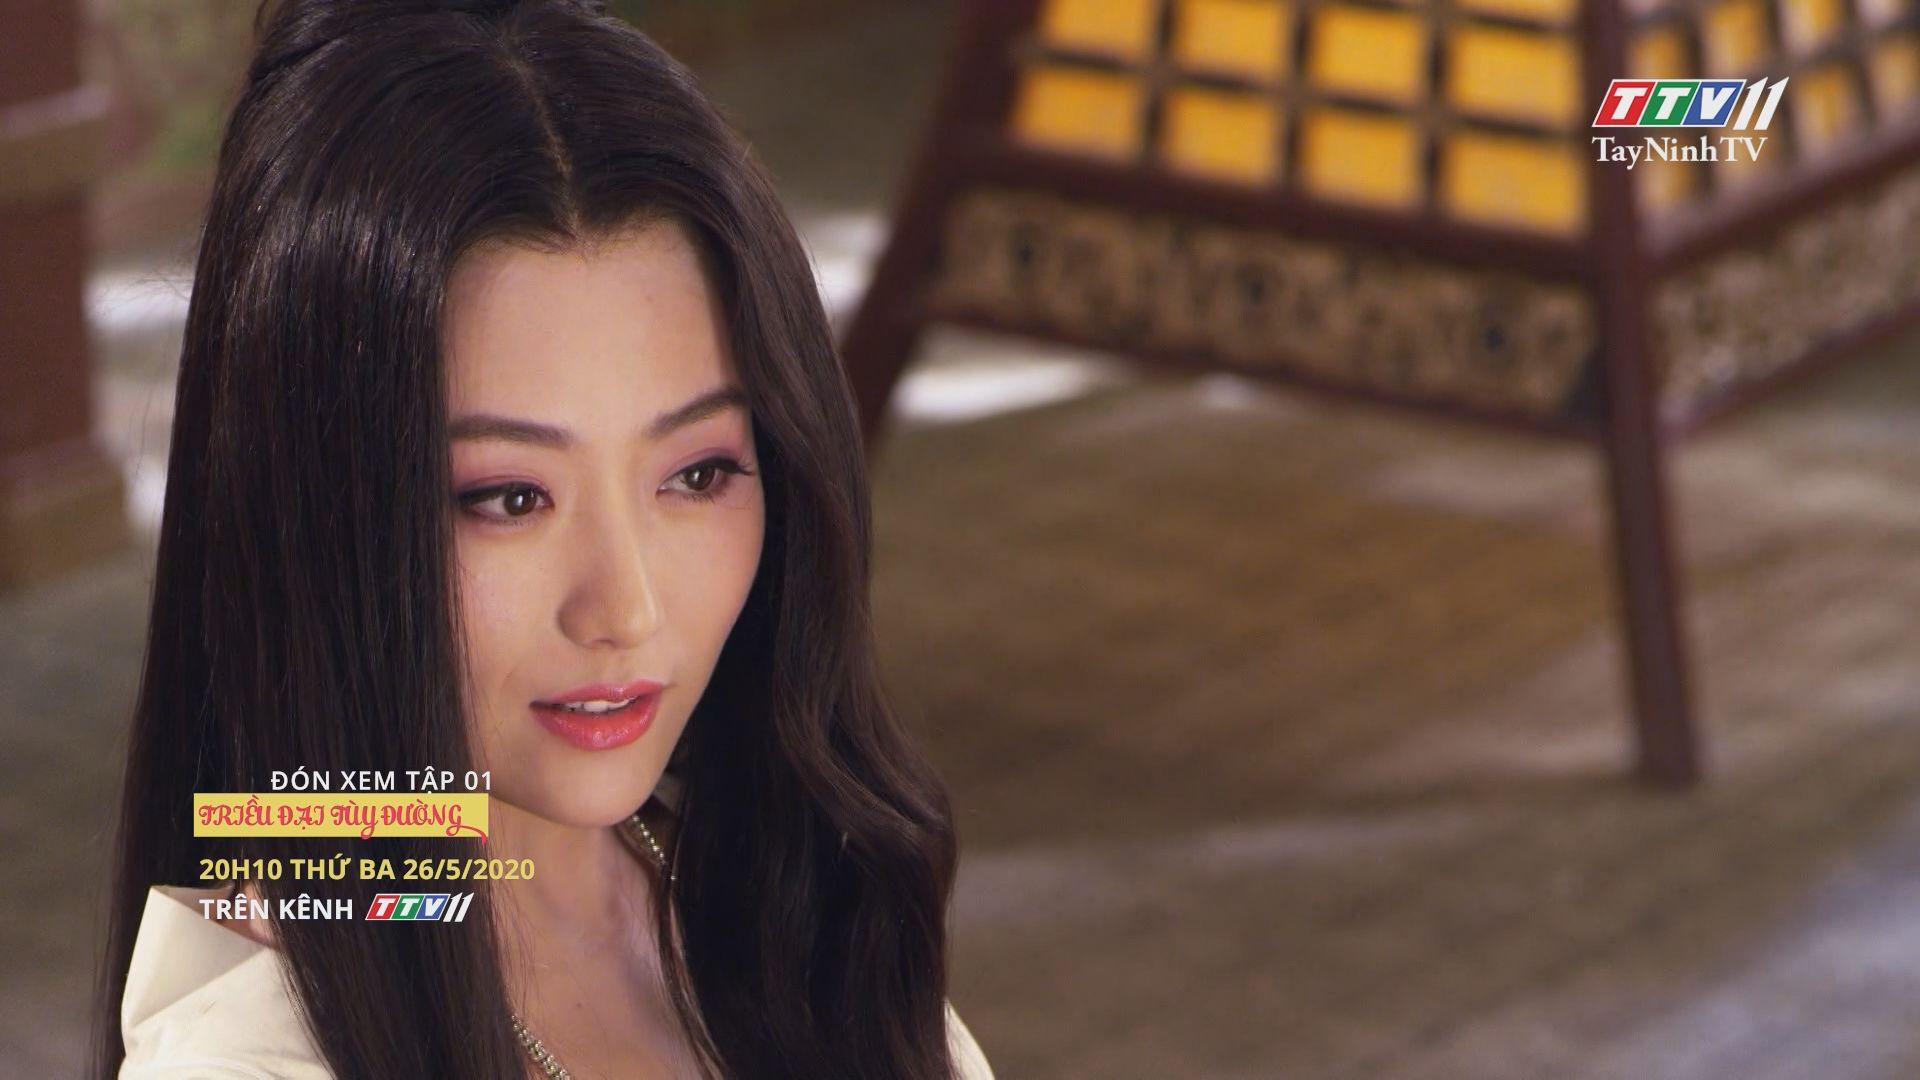 Triều đại Tùy Đường - TẬP 1 trailer | TRIỀU ĐẠI TÙY ĐƯỜNG | TayNinhTV